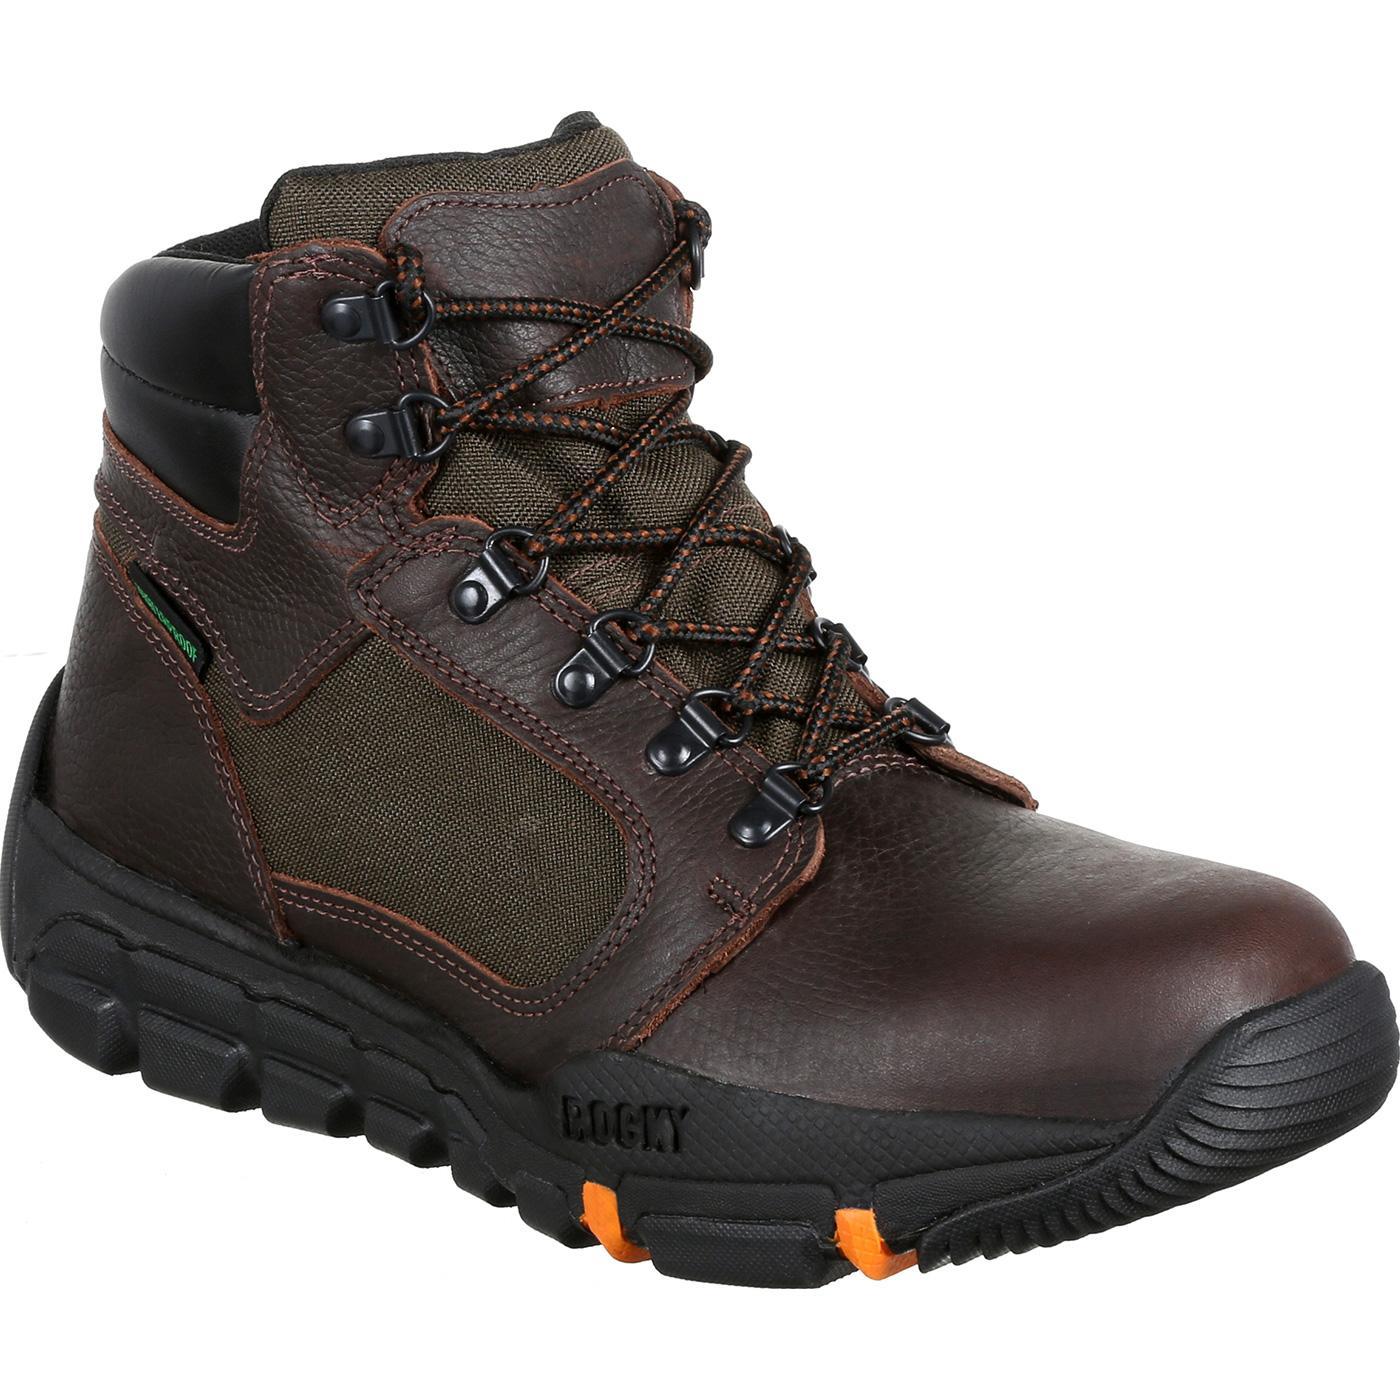 1223920549c Rocky Waterproof Outdoor Hiking Boot